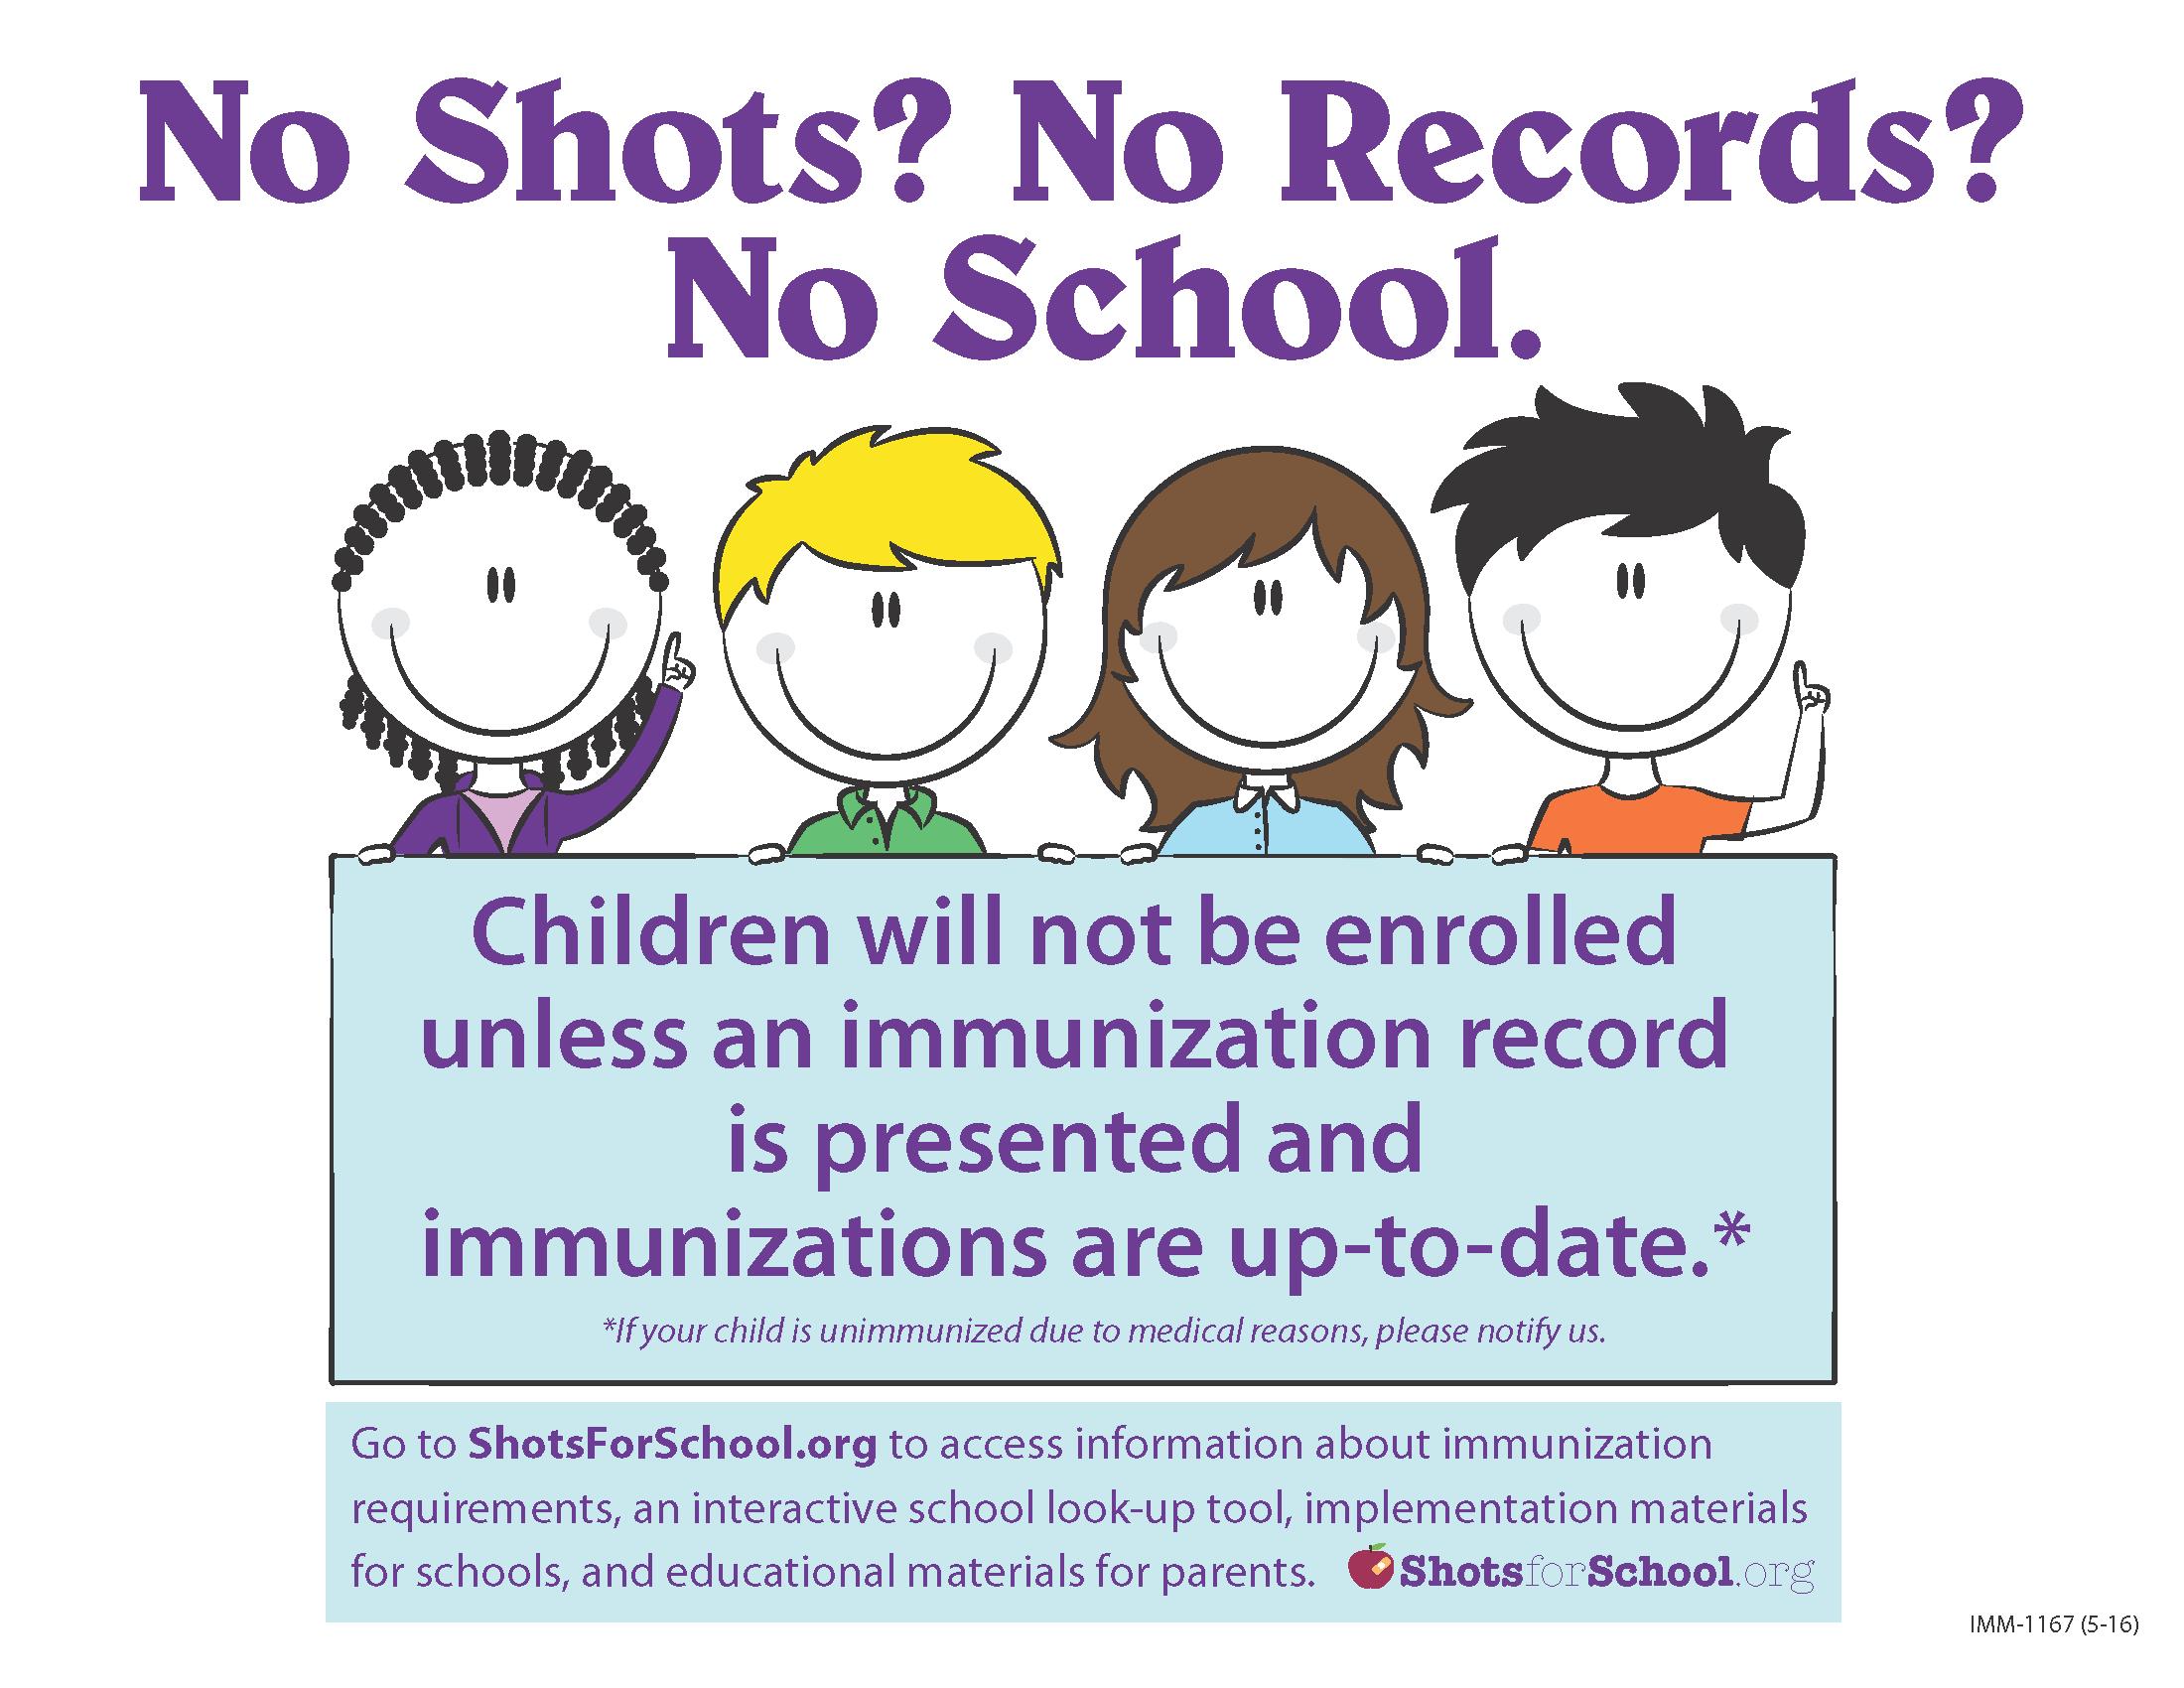 NO SHOTS? NO RECORDS? NO SCHOOL.